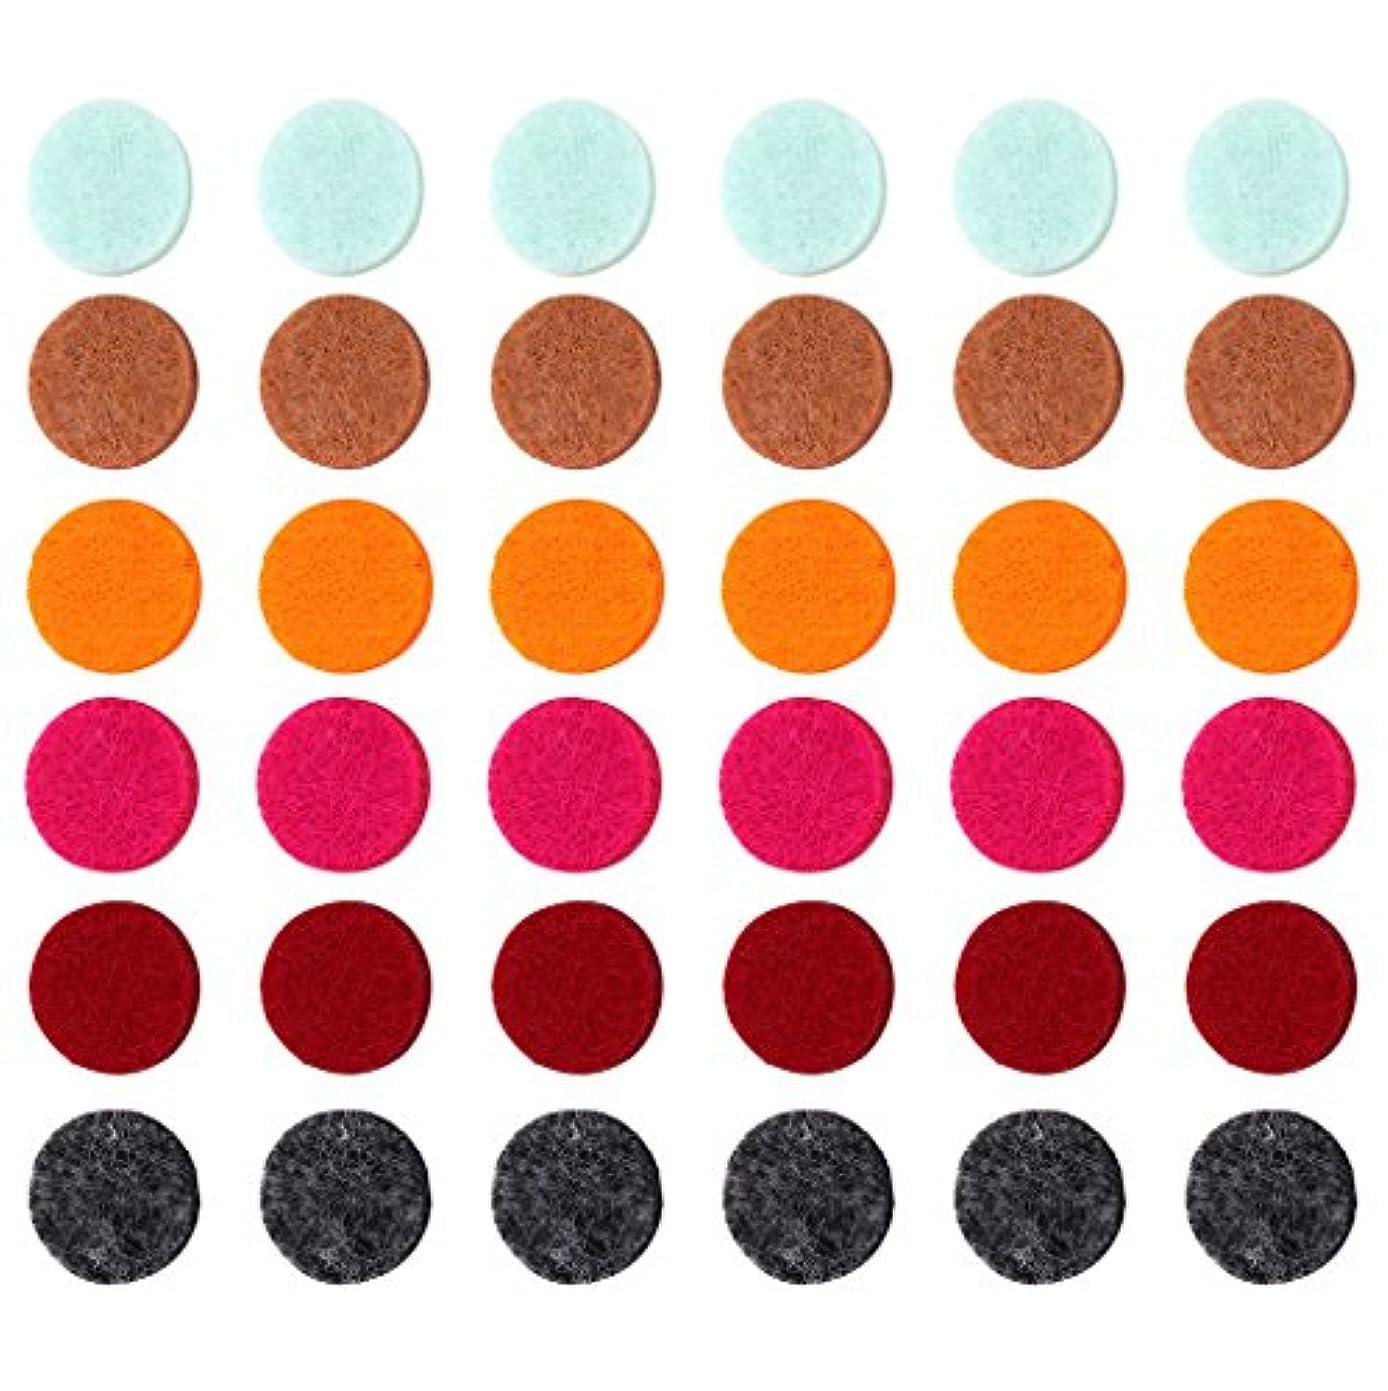 ひねり遠え散逸ZYsta 36個Refill Pads for Aromatherapy Essential Oil Diffuserロケットネックレス、交換用パッド: Thickened/洗濯可能/高吸水性のアロマディフューザーペンダント